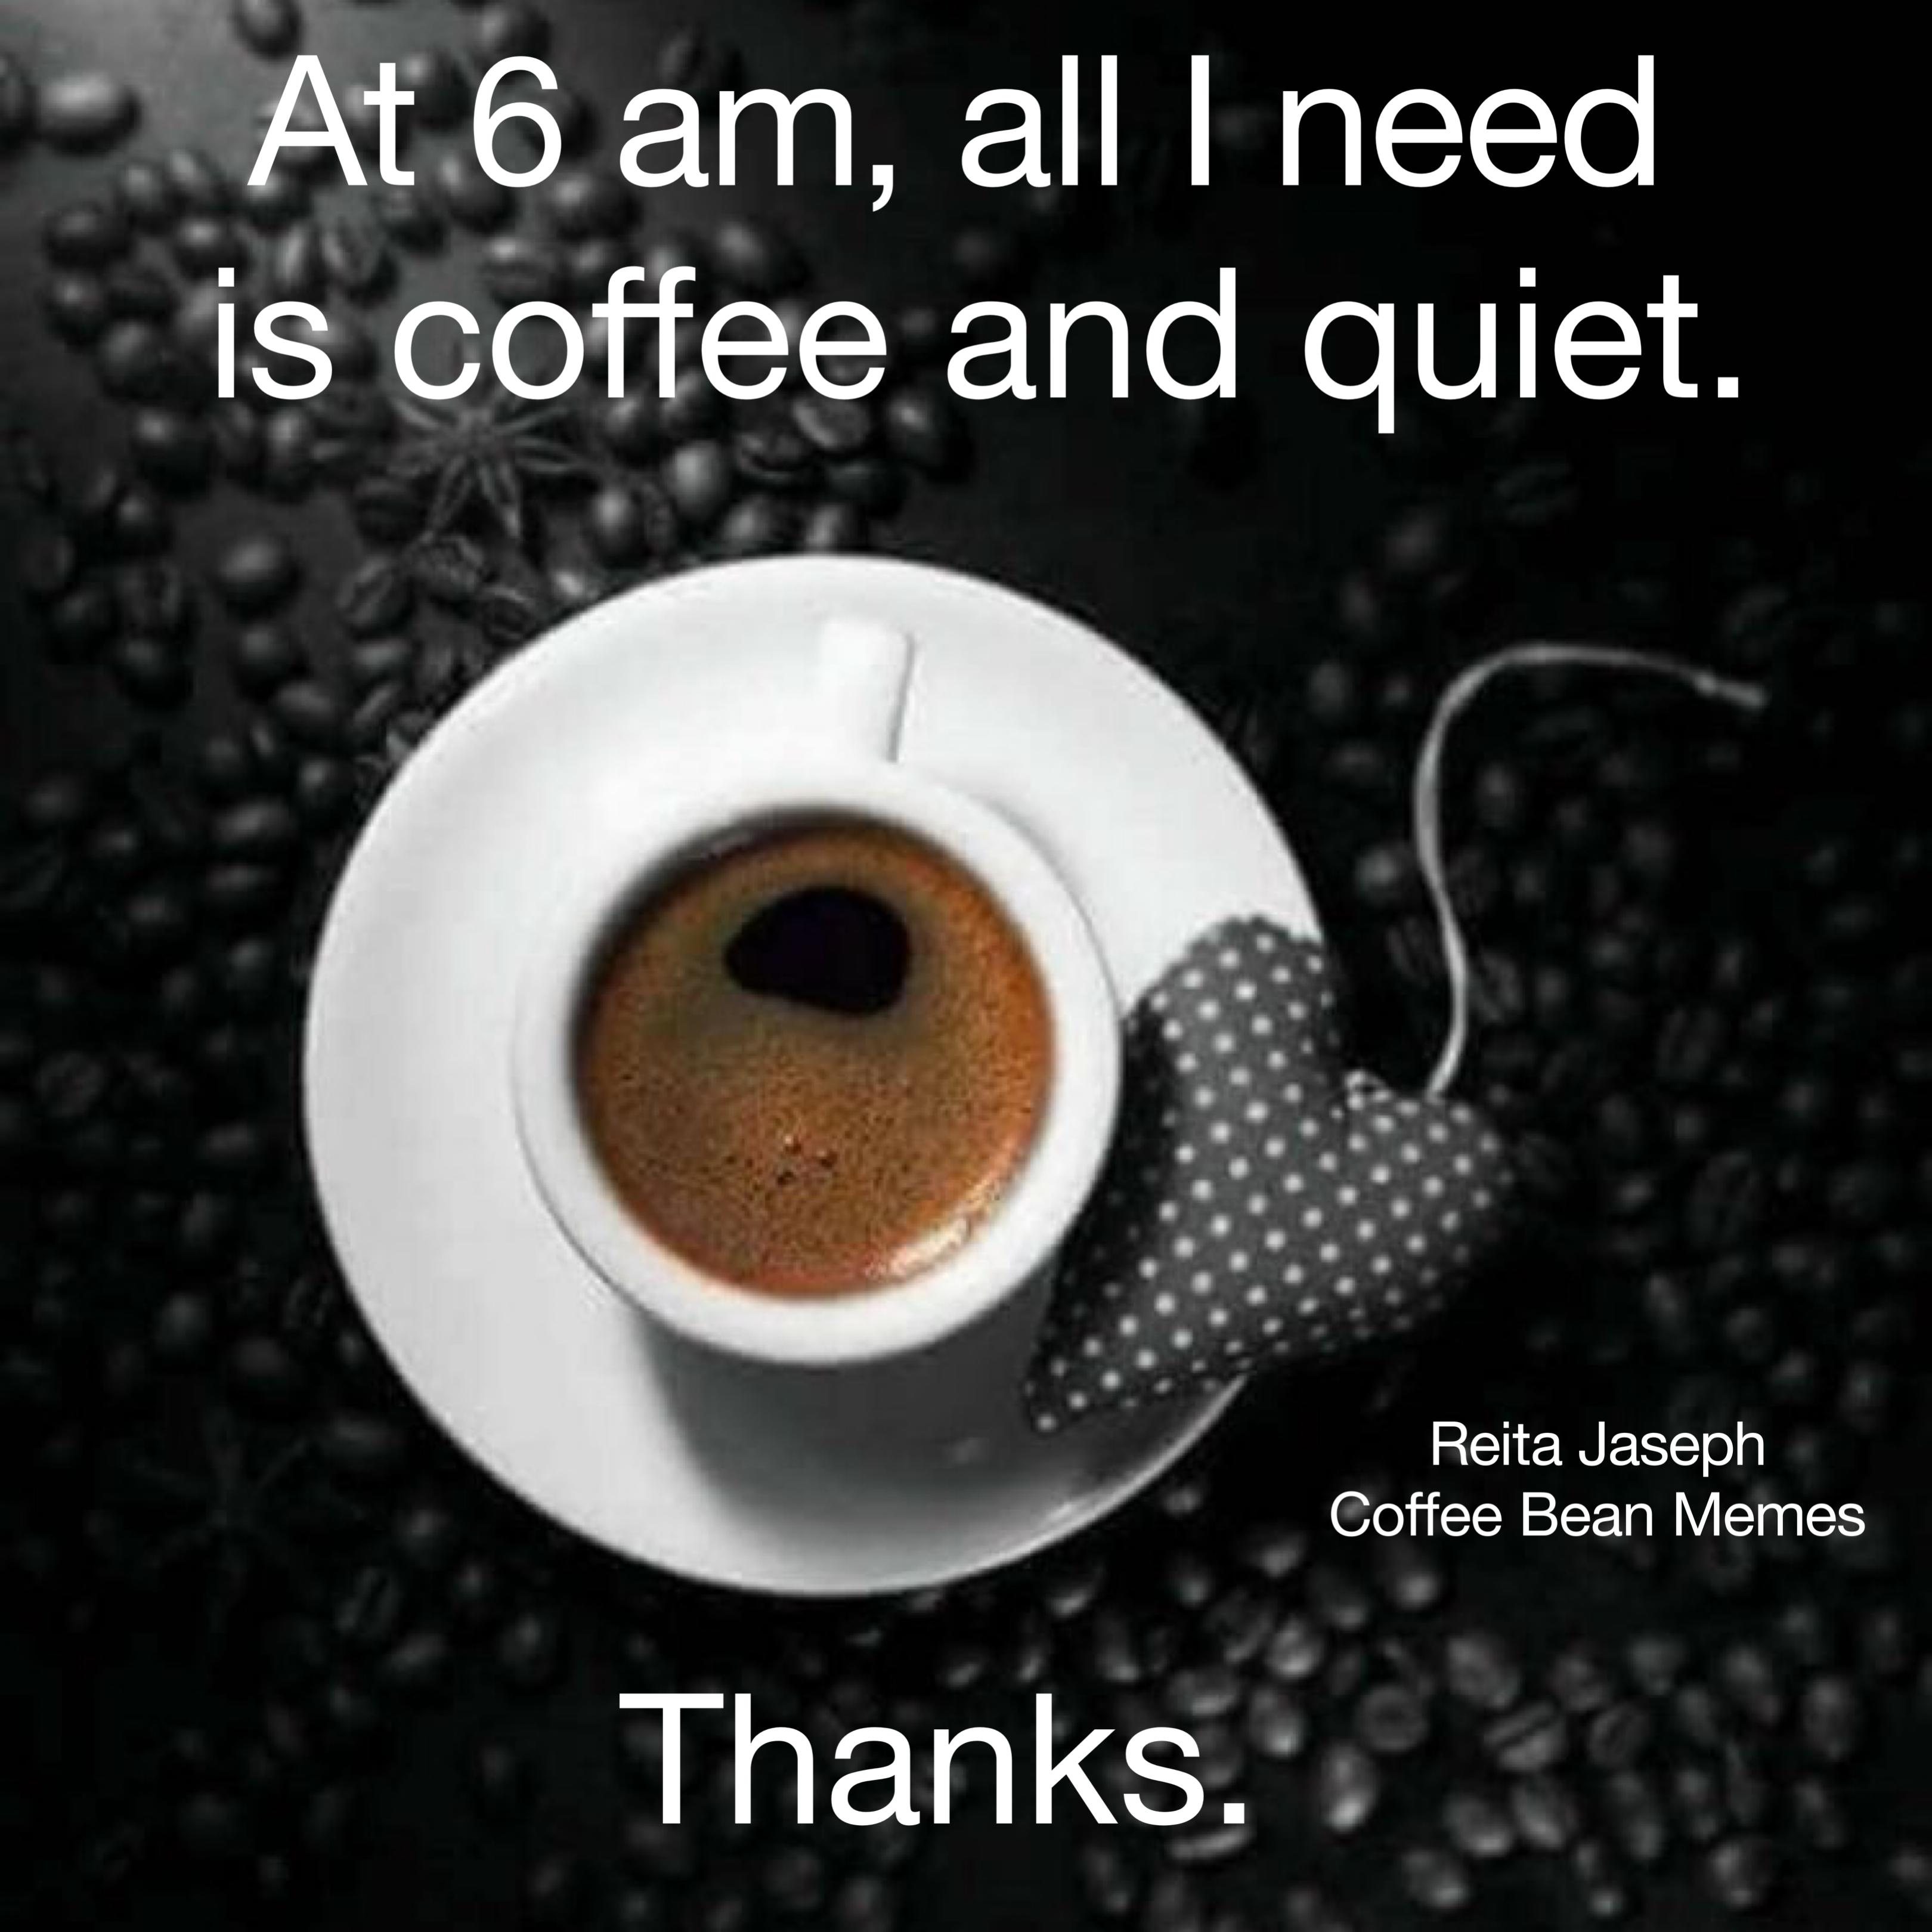 coffeebeanmemes #Coffee #coffeequotes #coffeehumor | Coffee Bean ... #coffeeBean